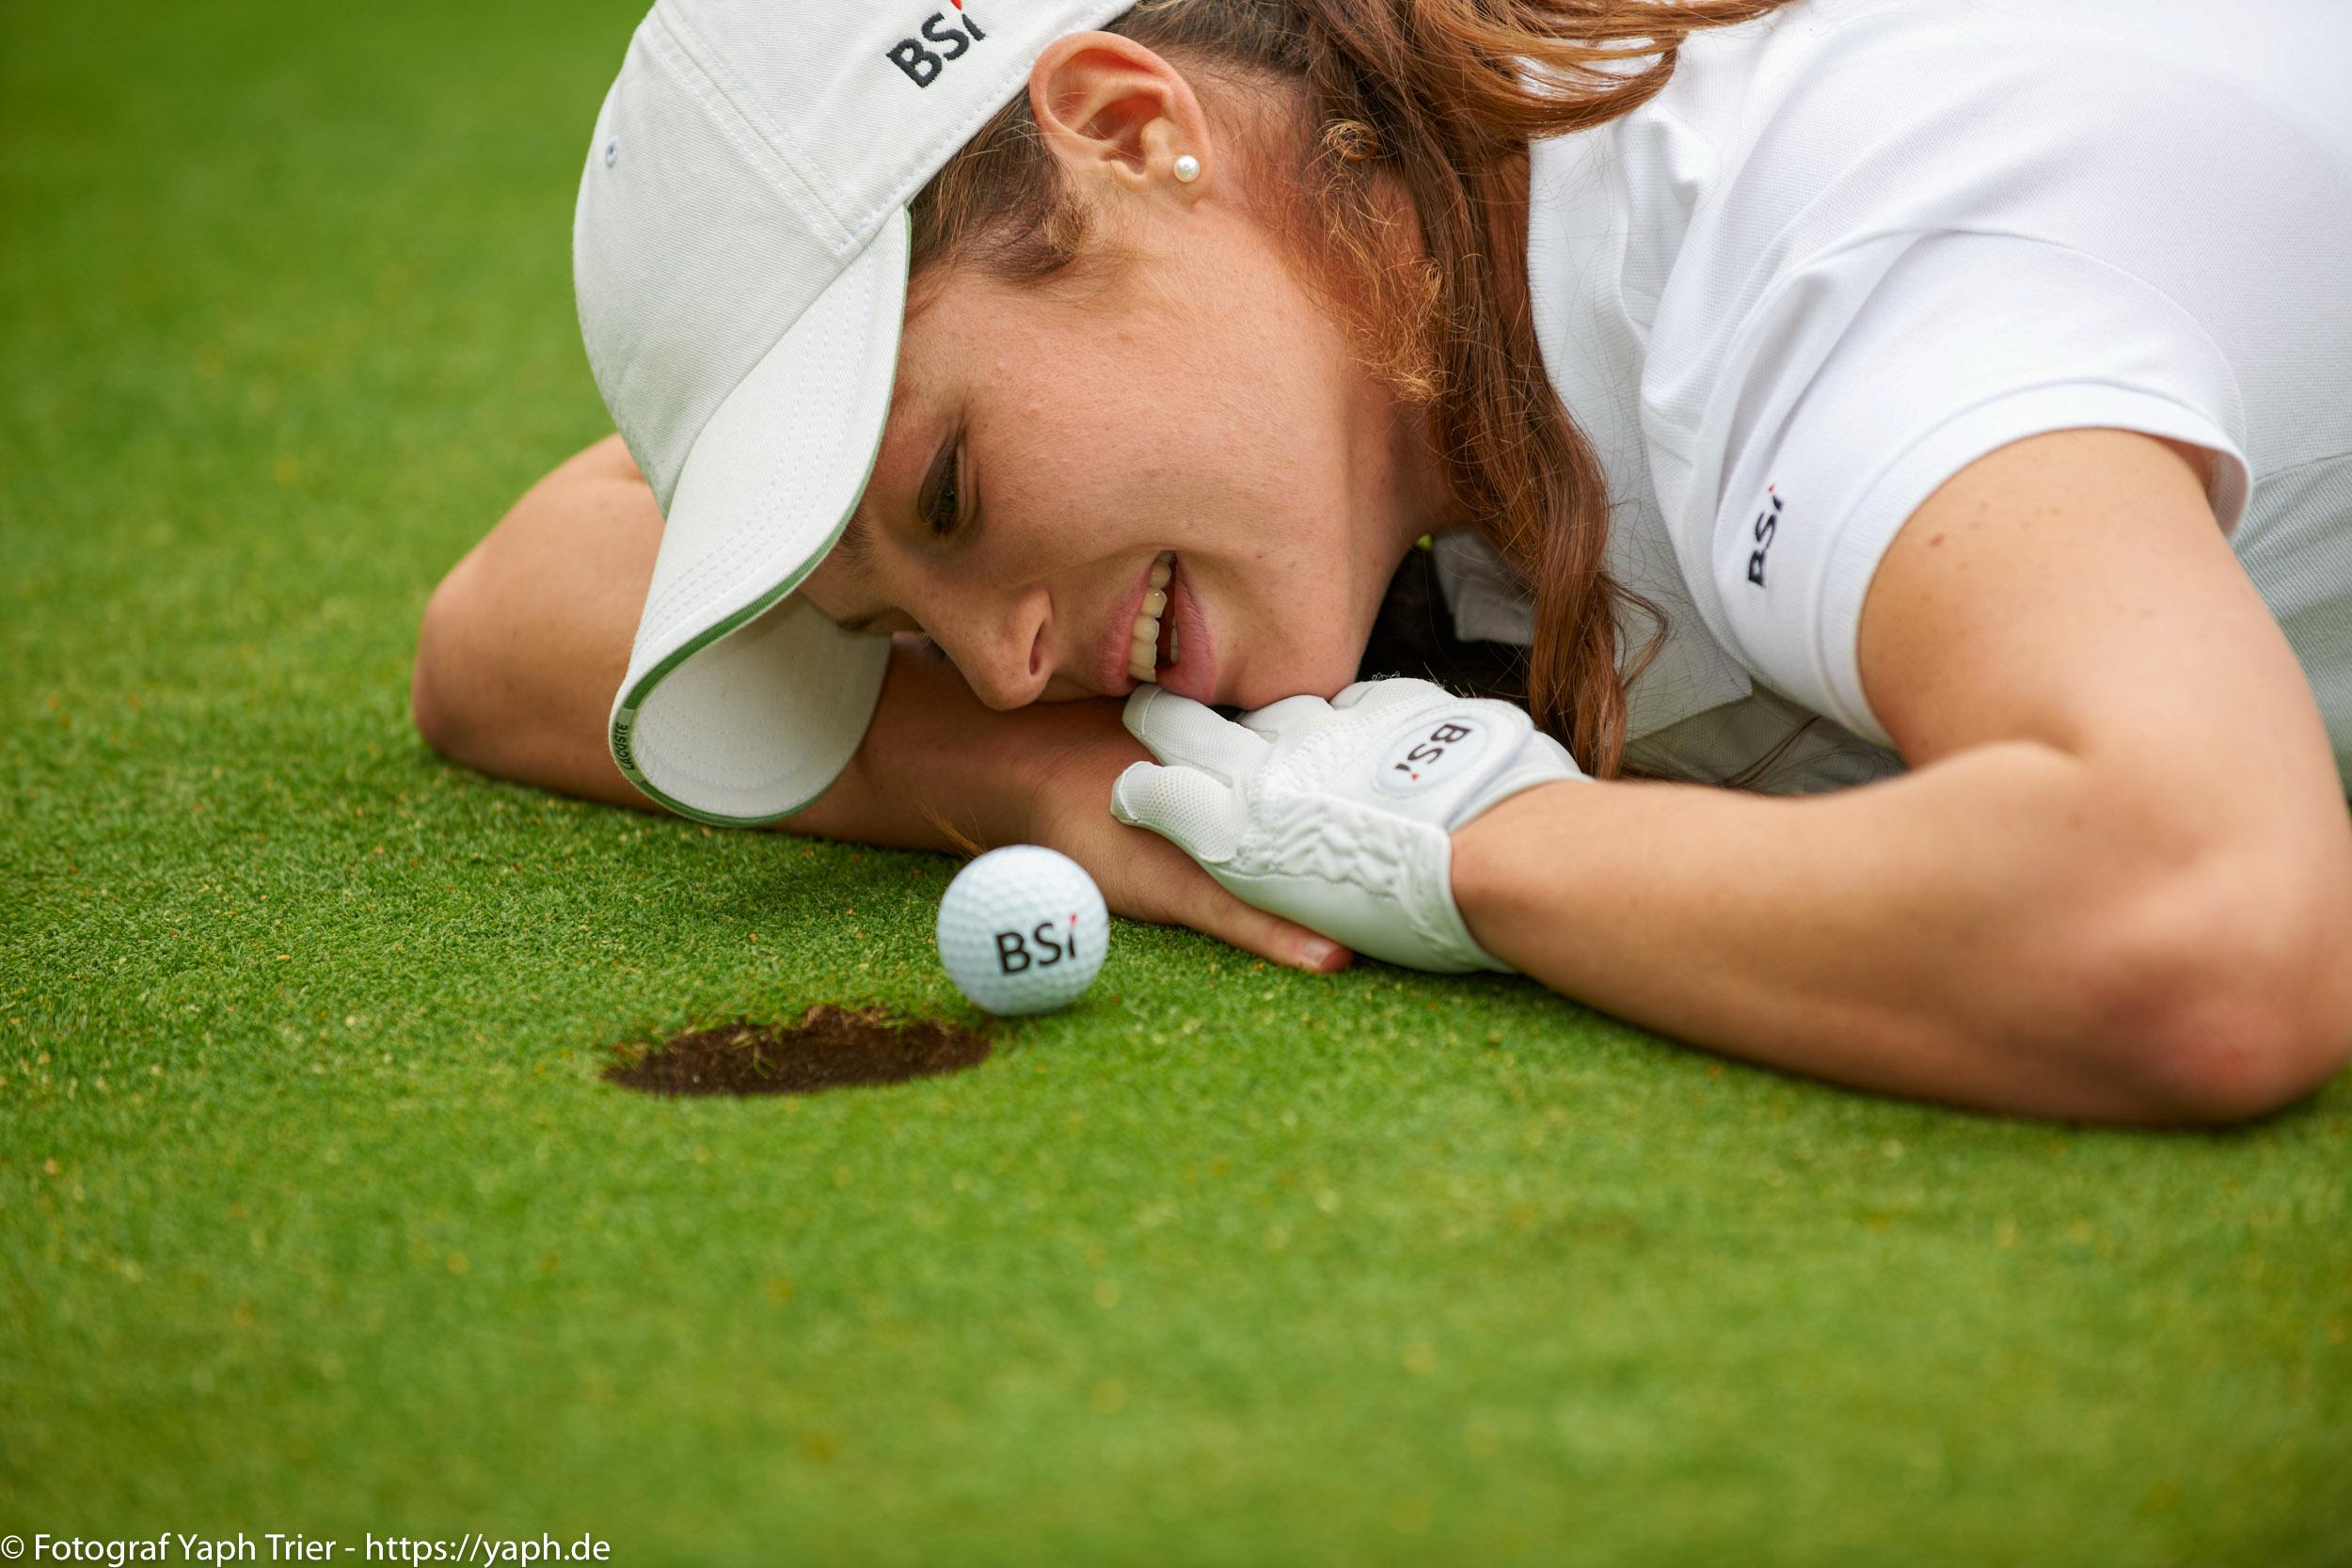 Liebelei Elena Lawrence - luxemburger Golfspielerin bei Fotograf Yaph - 12